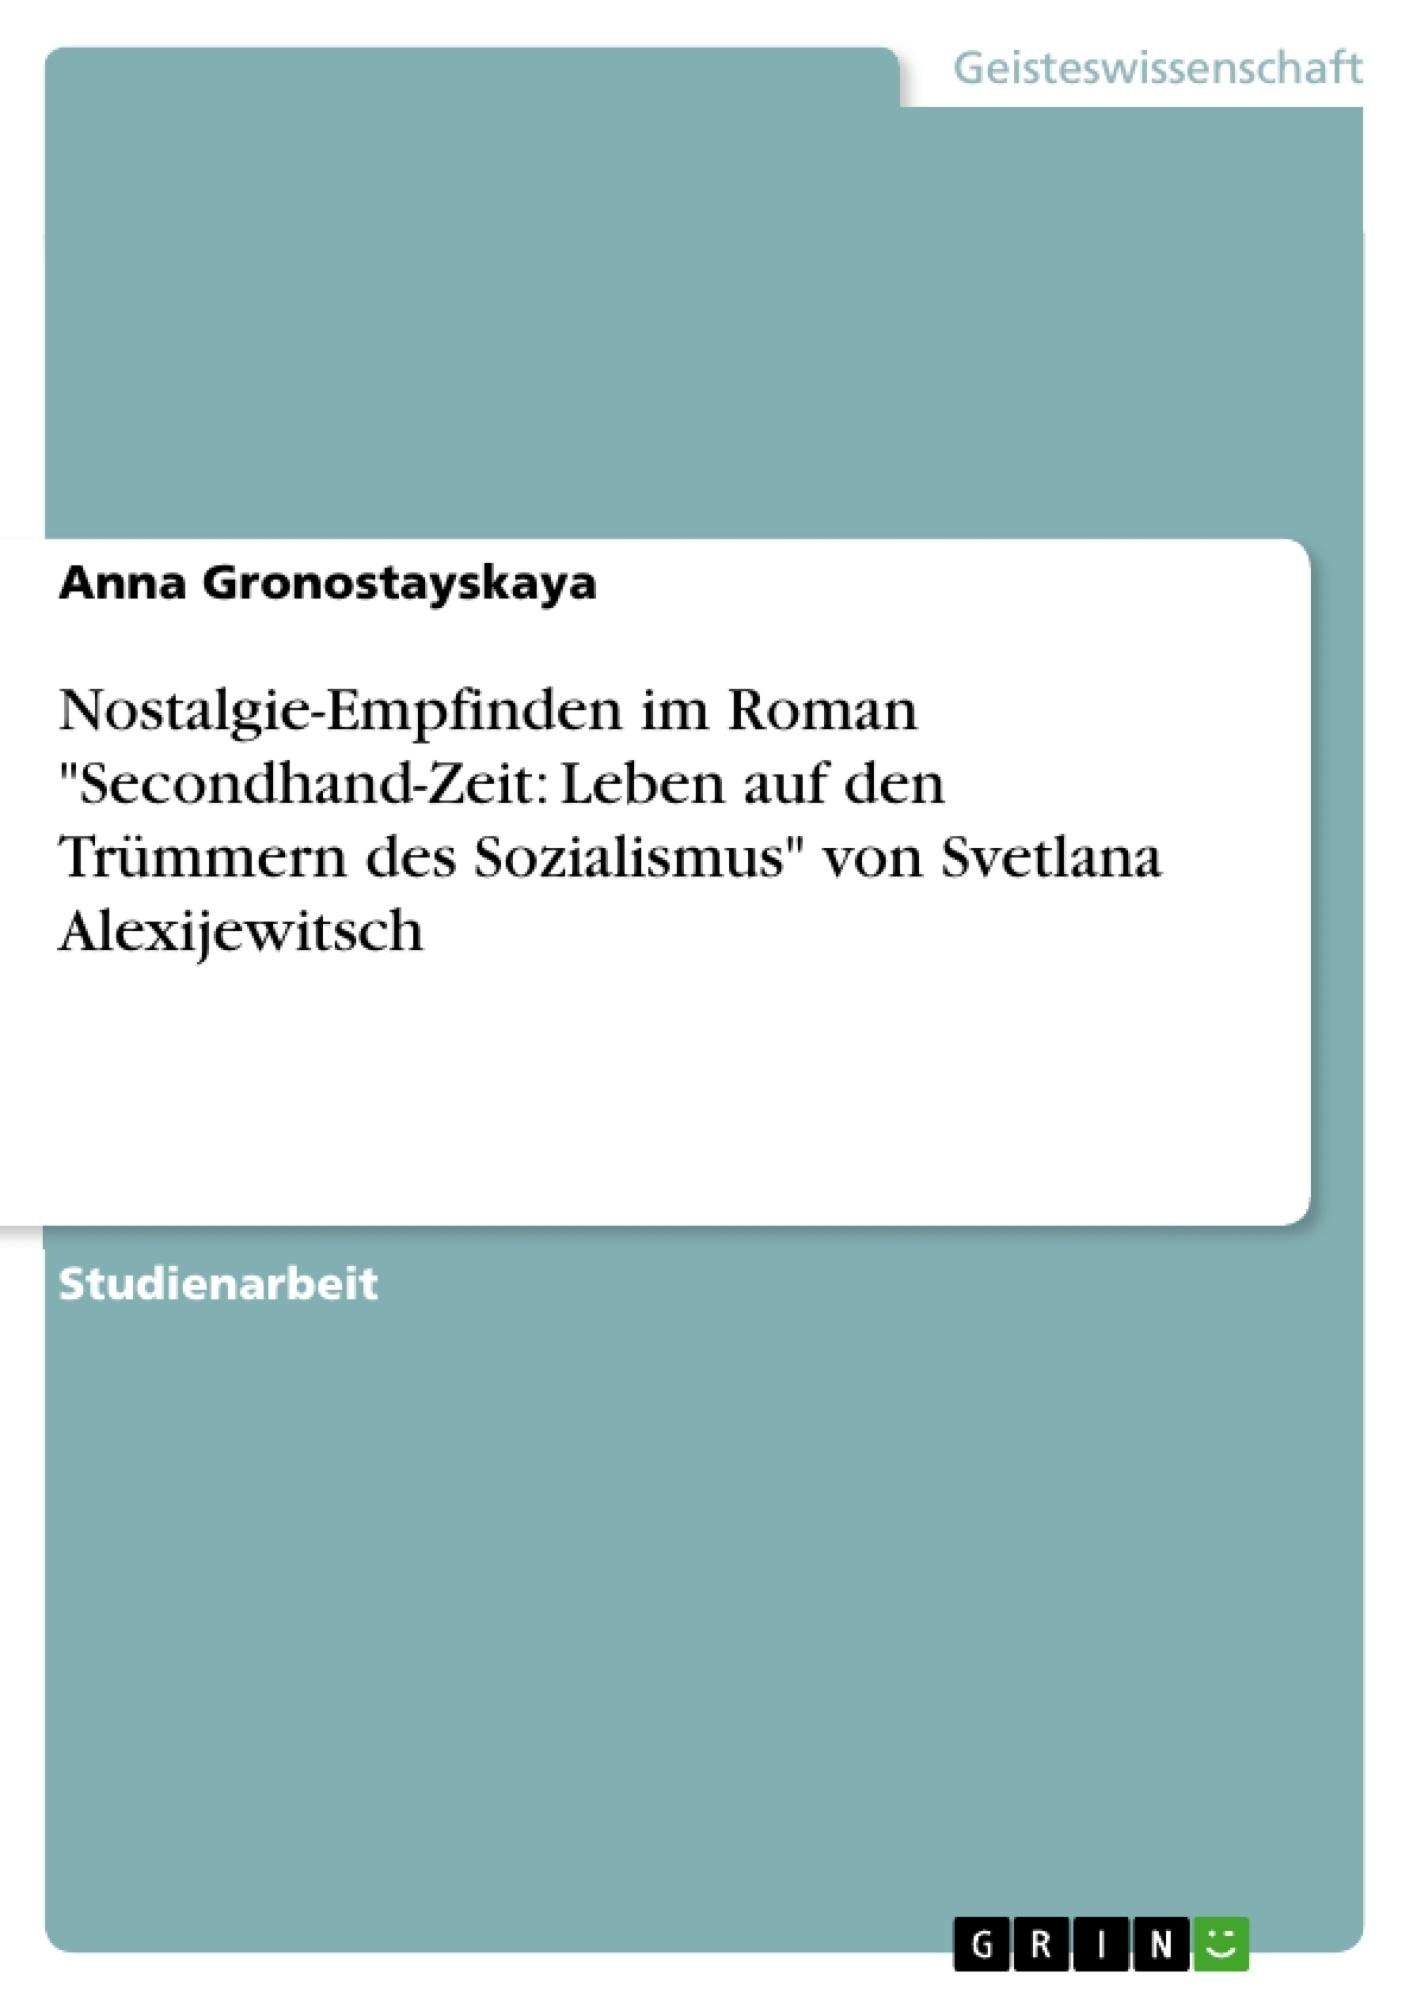 """Titel: Nostalgie-Empfinden im Roman """"Secondhand-Zeit: Leben auf den Trümmern des Sozialismus"""" von Svetlana Alexijewitsch"""